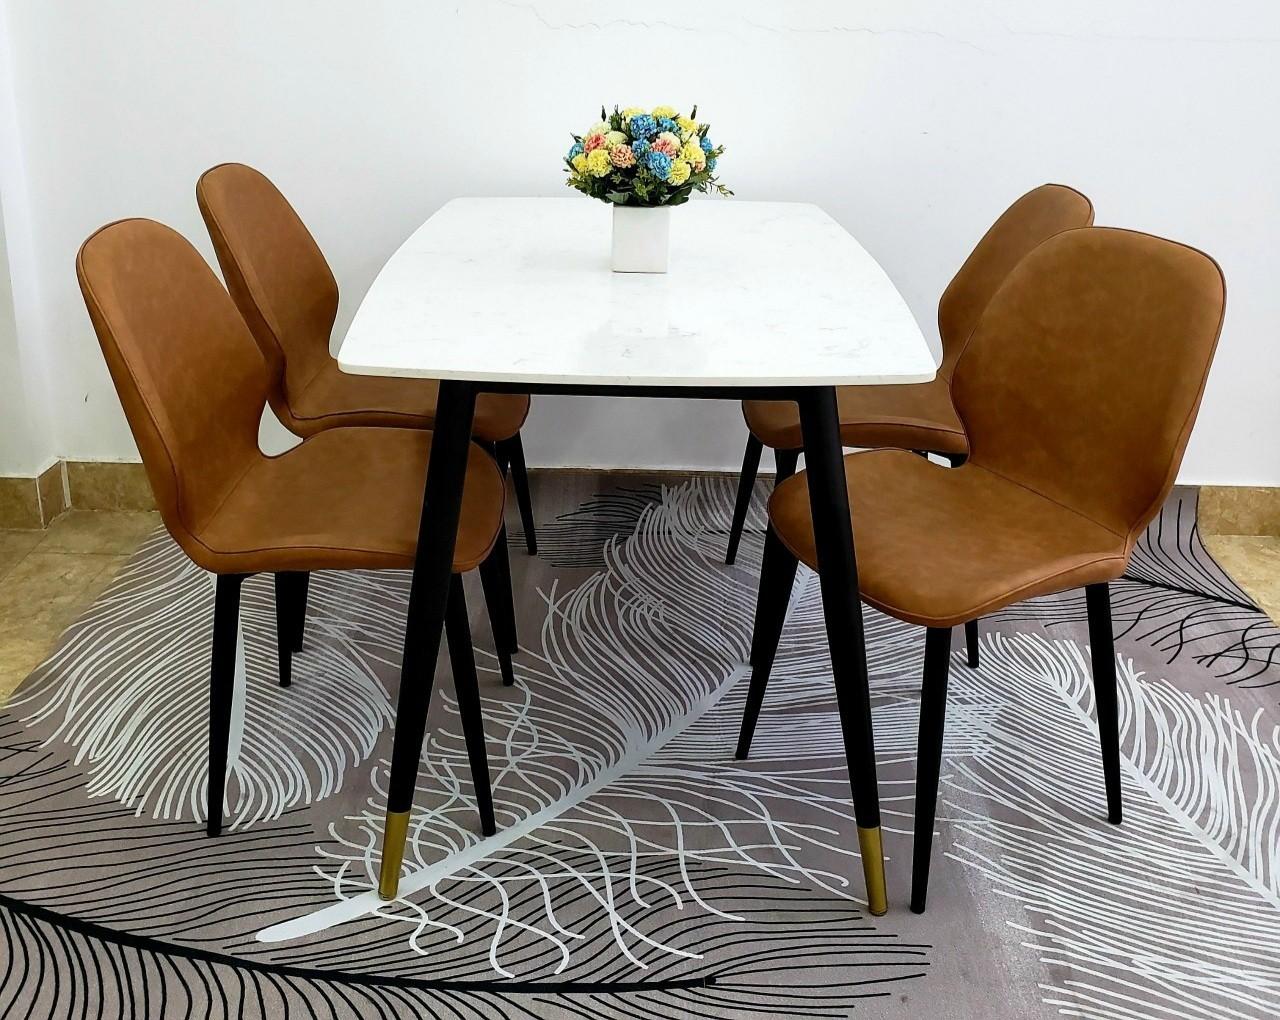 Bộ bàn ăn mặt đá ghế da cho căn hộ tại HCM